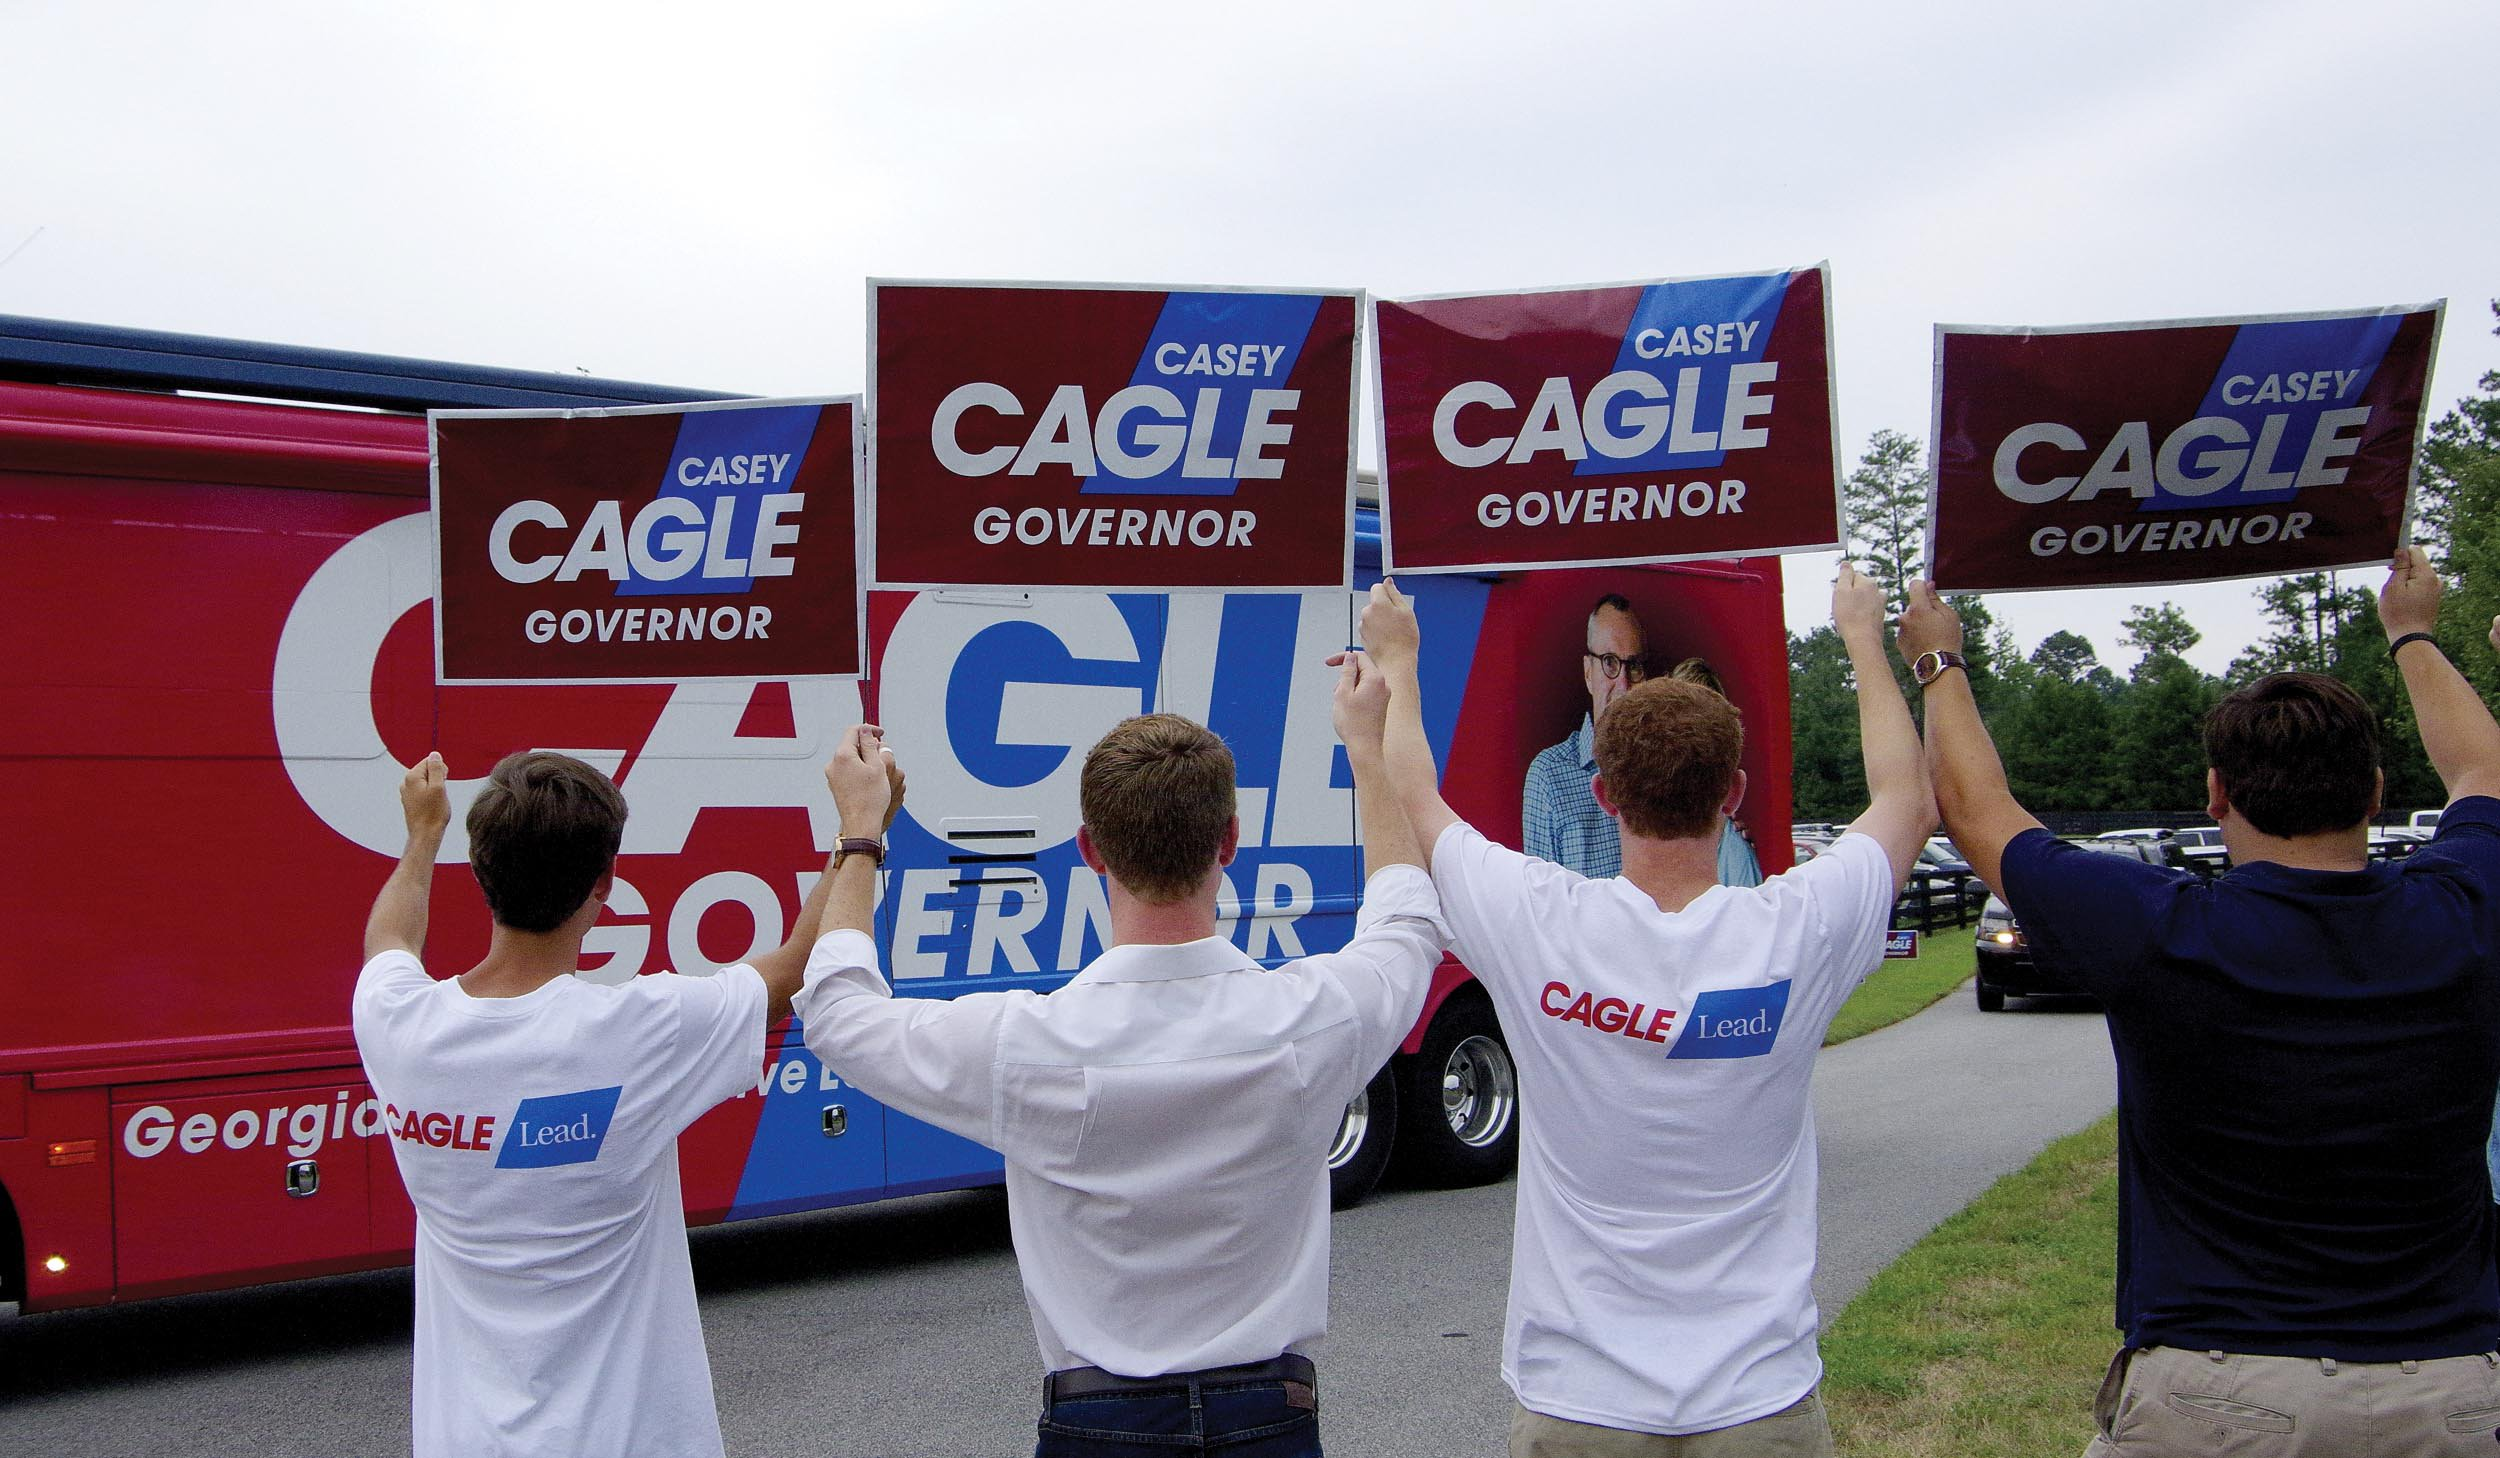 Cagle Campaign Bus arrives